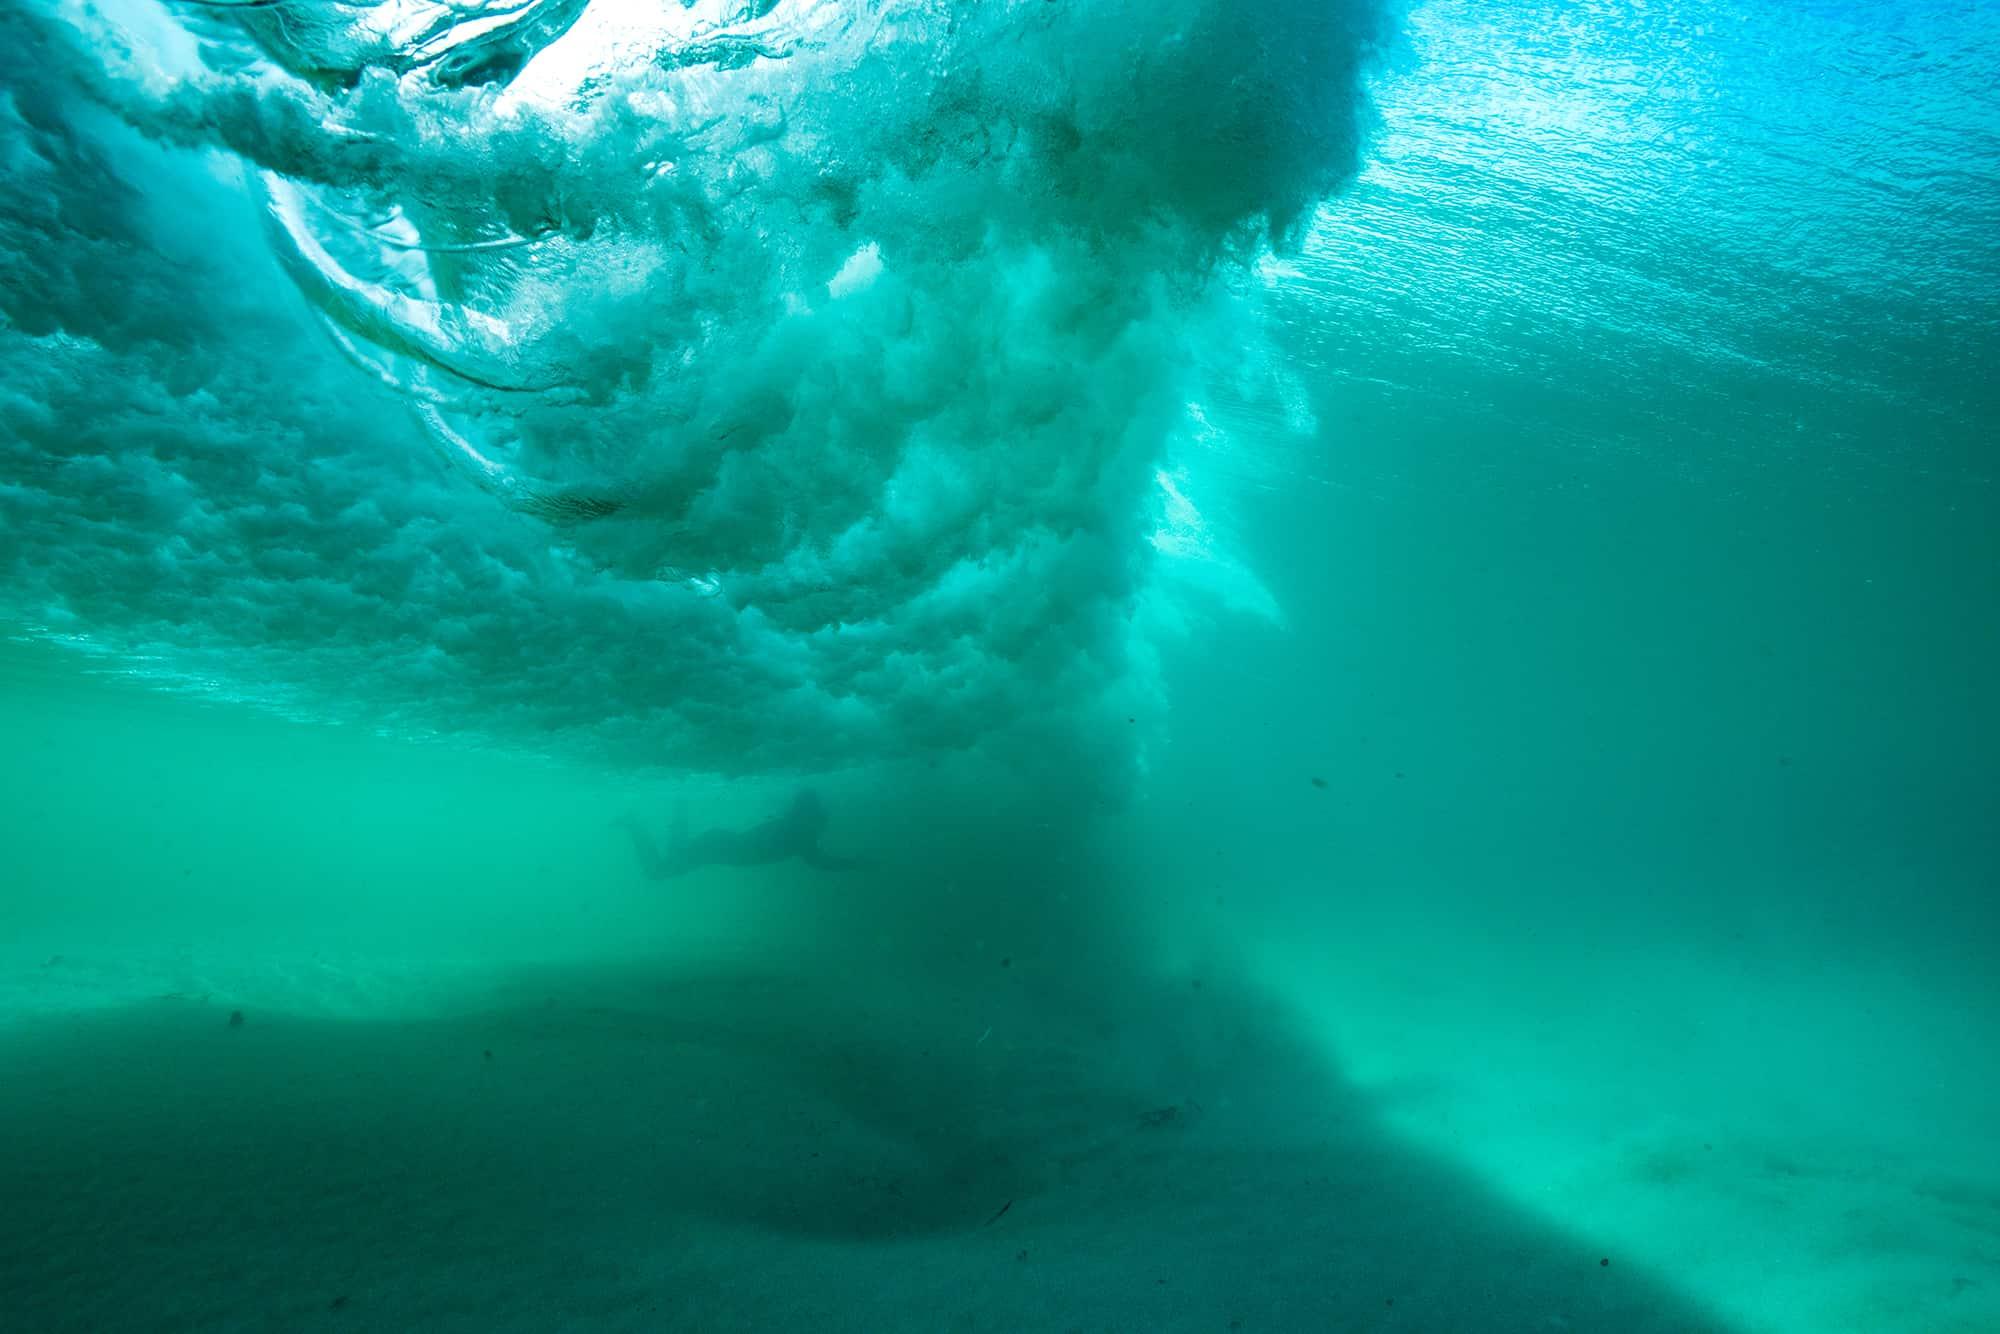 Surfer duckdiver gjennom bølge